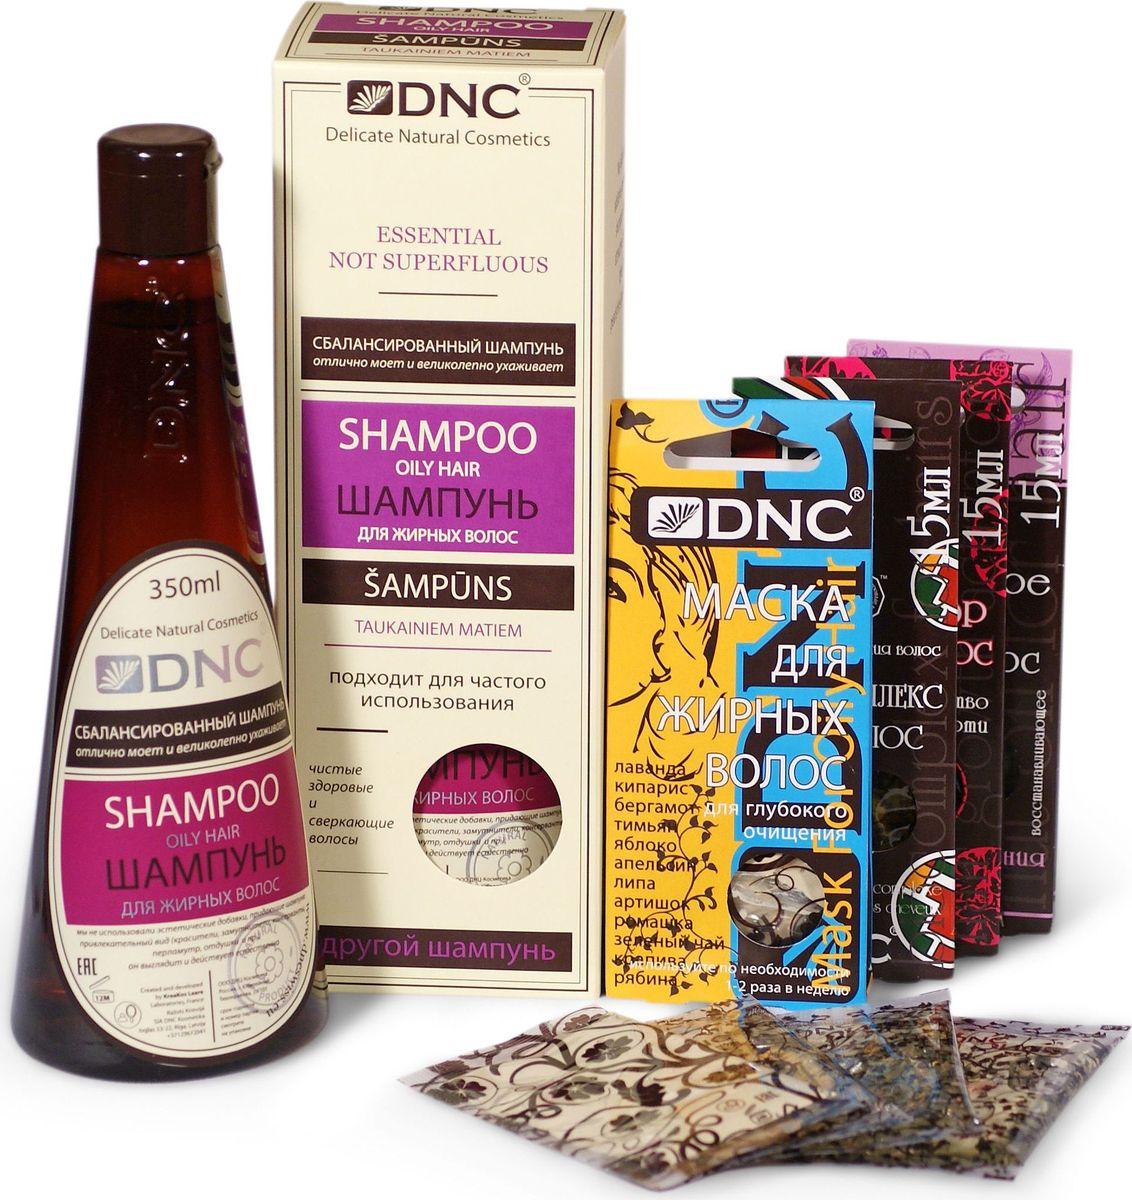 DNC Набор: Шампунь для жирных волос, 350 мл, маска для жирных волос, 3х15 мл, ореховое масло для волос против сечения, 15 мл, биокомплекс для волос против выпадения, 15 мл, активатор для волос против перхоти, 15 мл4751028203985Активатор для волос против перхоти: Активатор содержит репейное масло, способствующее росту волос, а также касторовое масло, оказывающее смягчающее действие на кожу головы, и укрепляющее корни волос. Также масло содержит витамин А, который также выравнивает структуру волос, делая их послушными и сильными, и устраняет сухость. Витамин В5 уменьшает риск выпадения волос и укрепляет корни. Защищает волосы и насыщает их необходимыми витаминами, восстанавливает структуру волос, избавляет их от перхоти, способствуя росту здоровых и сильных волос. Биокомплекс для волос против выпадения: Эффективное биоактивное средство против выпадения волос. Содержит необходимые для волос экстракты лекарственных растений, d-pantenol и витамины А, Е и F, которые обеспечивают кровоснабжение волосяных луковиц и стимулируют рост волос. Биоактивный комплекс обладает сильным регенерирующим эффектом, насыщает волосы и кожу головы влагой и ценными питательными веществами, делая волосы более мягкими и послушными. Ореховое масло для волос против сечения: Состав быстро впитывается в волосы, одновременно восстанавливая и укрепляя их структуру. Ореховое Масло создает тонкую оболочку, позволяющую волосам сохранить влагу и обеспечивающую защиту, и питание волос по всей длине. При регулярном применении, Ореховое Масло эффективно борется с проблемой секущихся концов, укрепляя структуру волос, придавая им здоровый вид и делая их более мягкими и послушными. МАСКА для жирных волос: Очищает волосы и кожу головы. Значительно снижает активность сальных желез. Эффективность маски обеспечивает сбалансированная система из эфирных масел, растительных экстрактов и абсорбирующей глиняной основы. Комплекс разработан для максимально долгого контроля над избыточной жирностью волос. Шампунь для Жирн